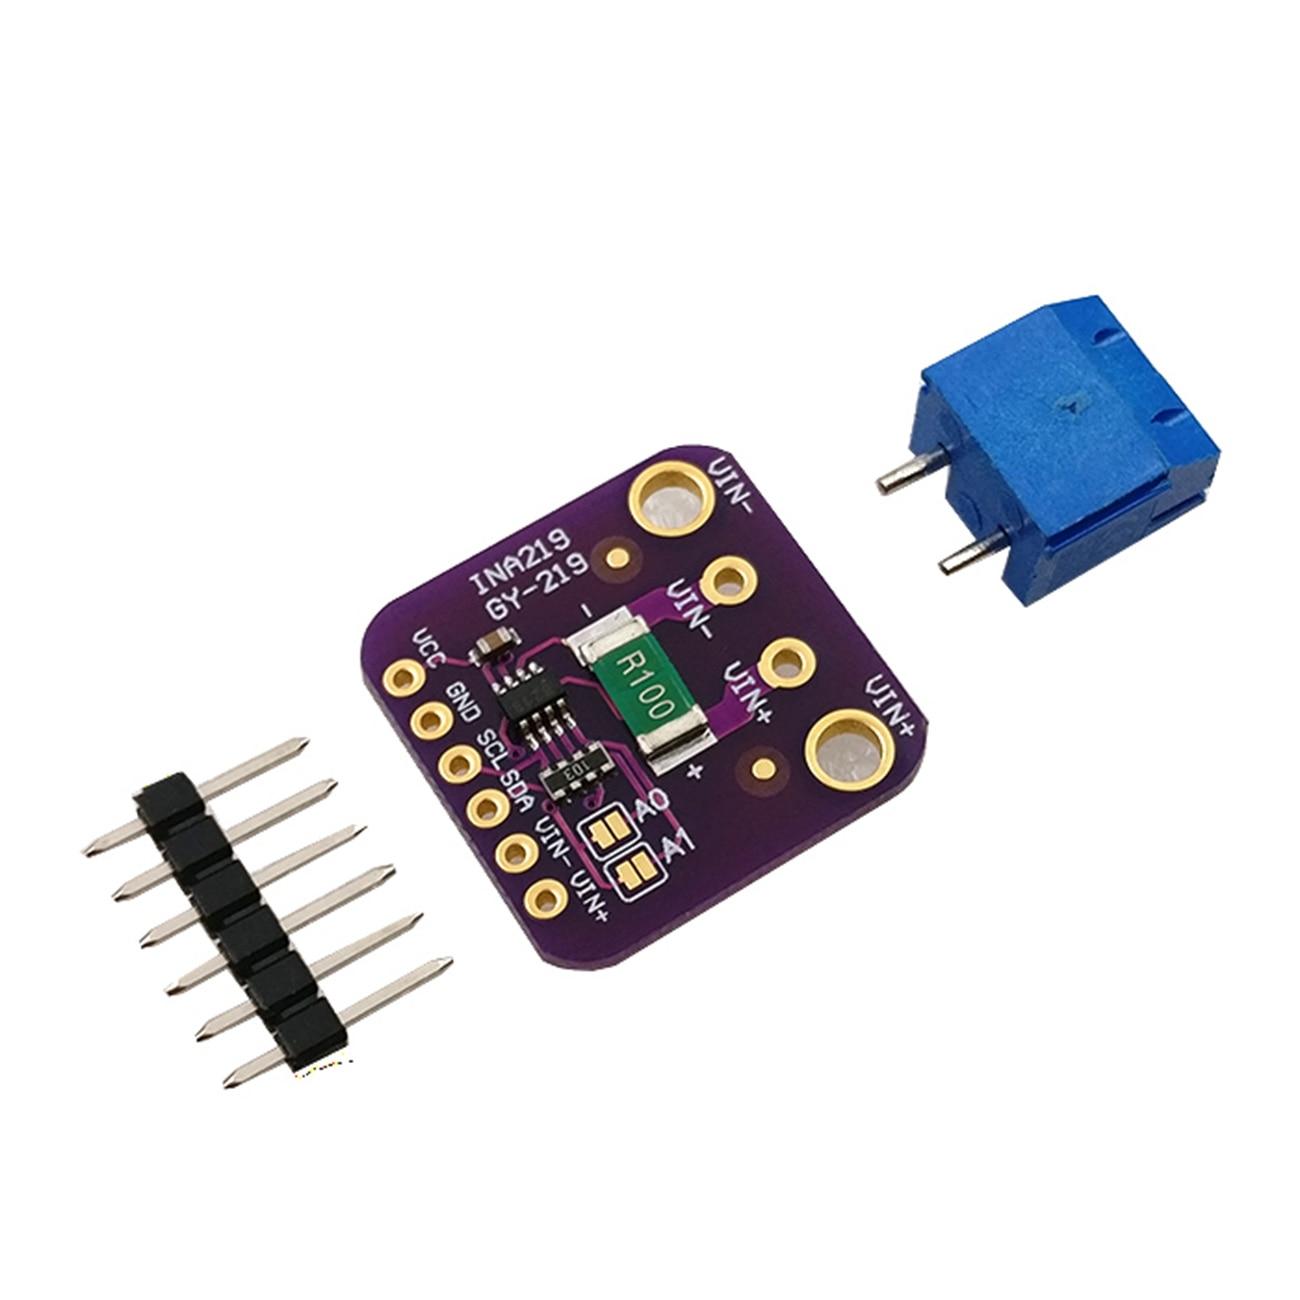 10 pces GY-INA219 GY-219 módulo de sensor de corrente digital de alta precisão